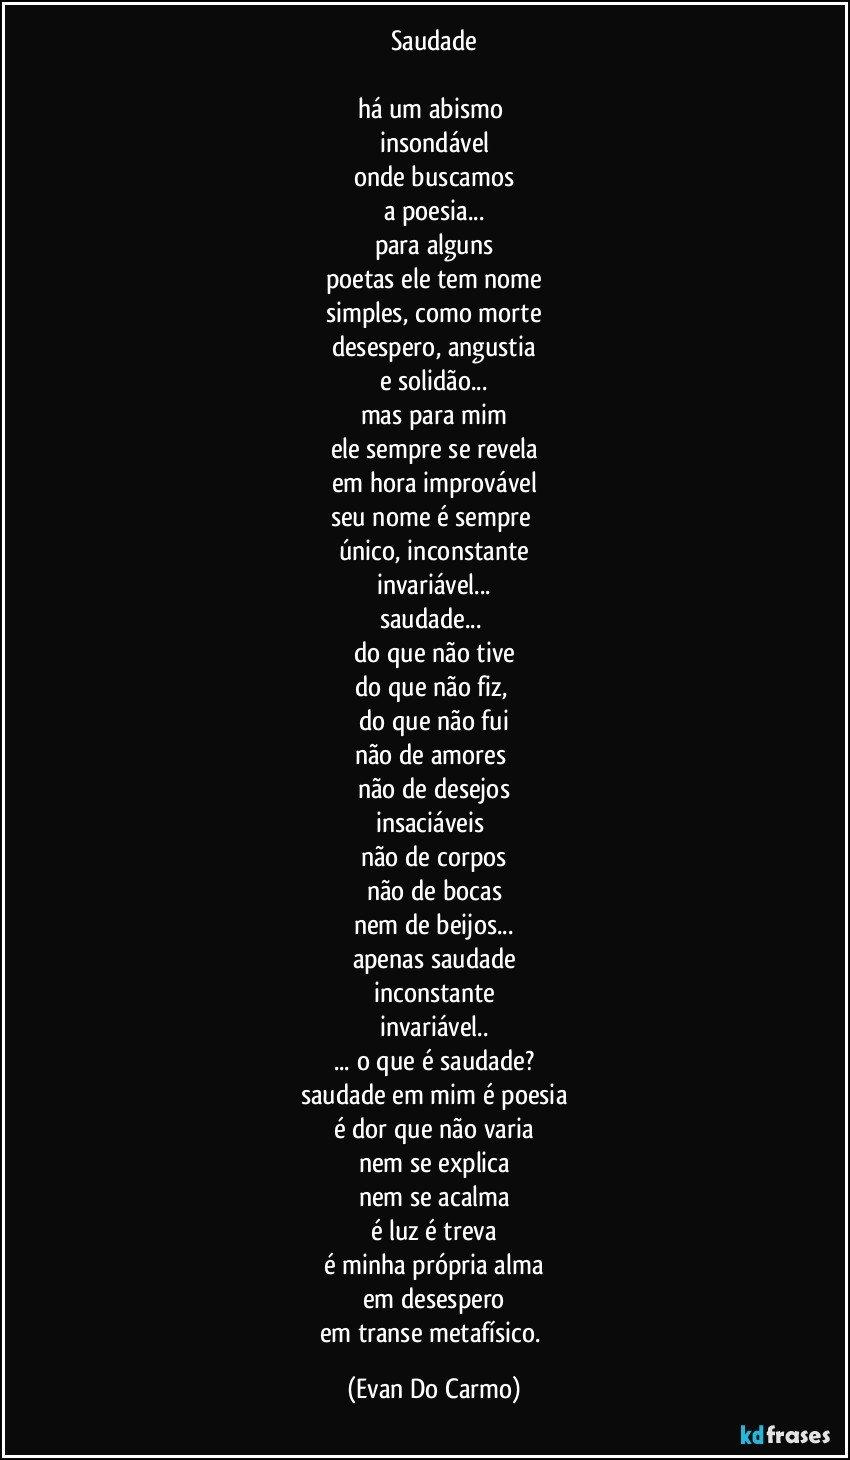 Saudade Há Um Abismo Insondável Onde Buscamos A Poesia Para